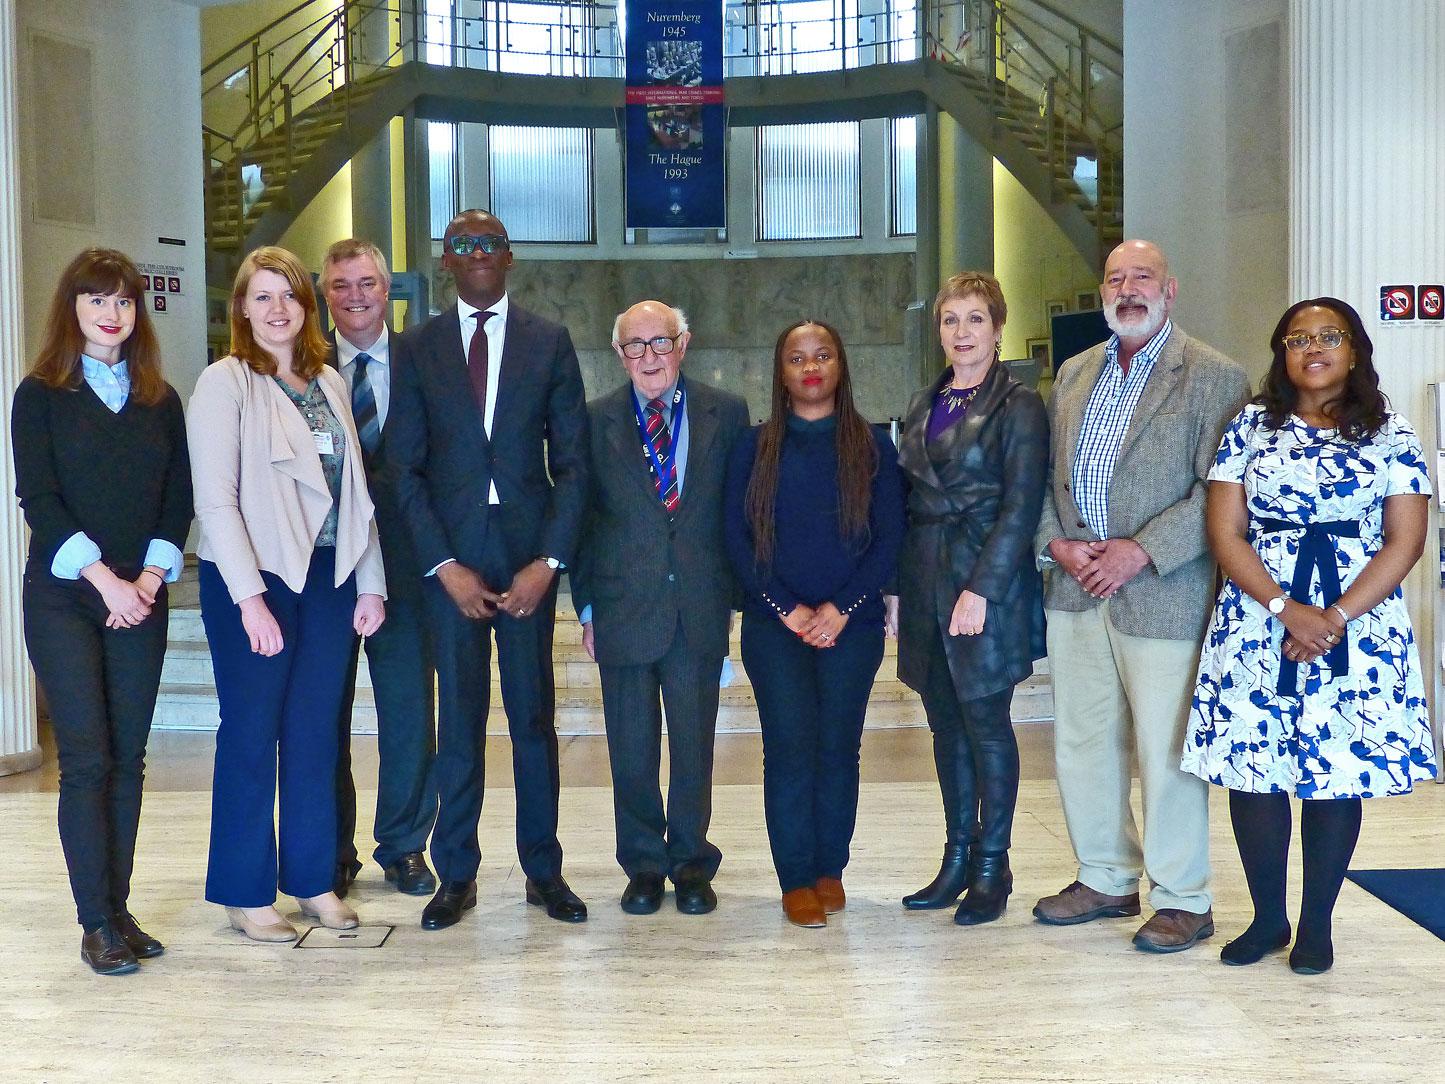 Predsednik i sekretar MMKS s južnoafričkom delegacijom u ogranku Mehanizma u Hagu